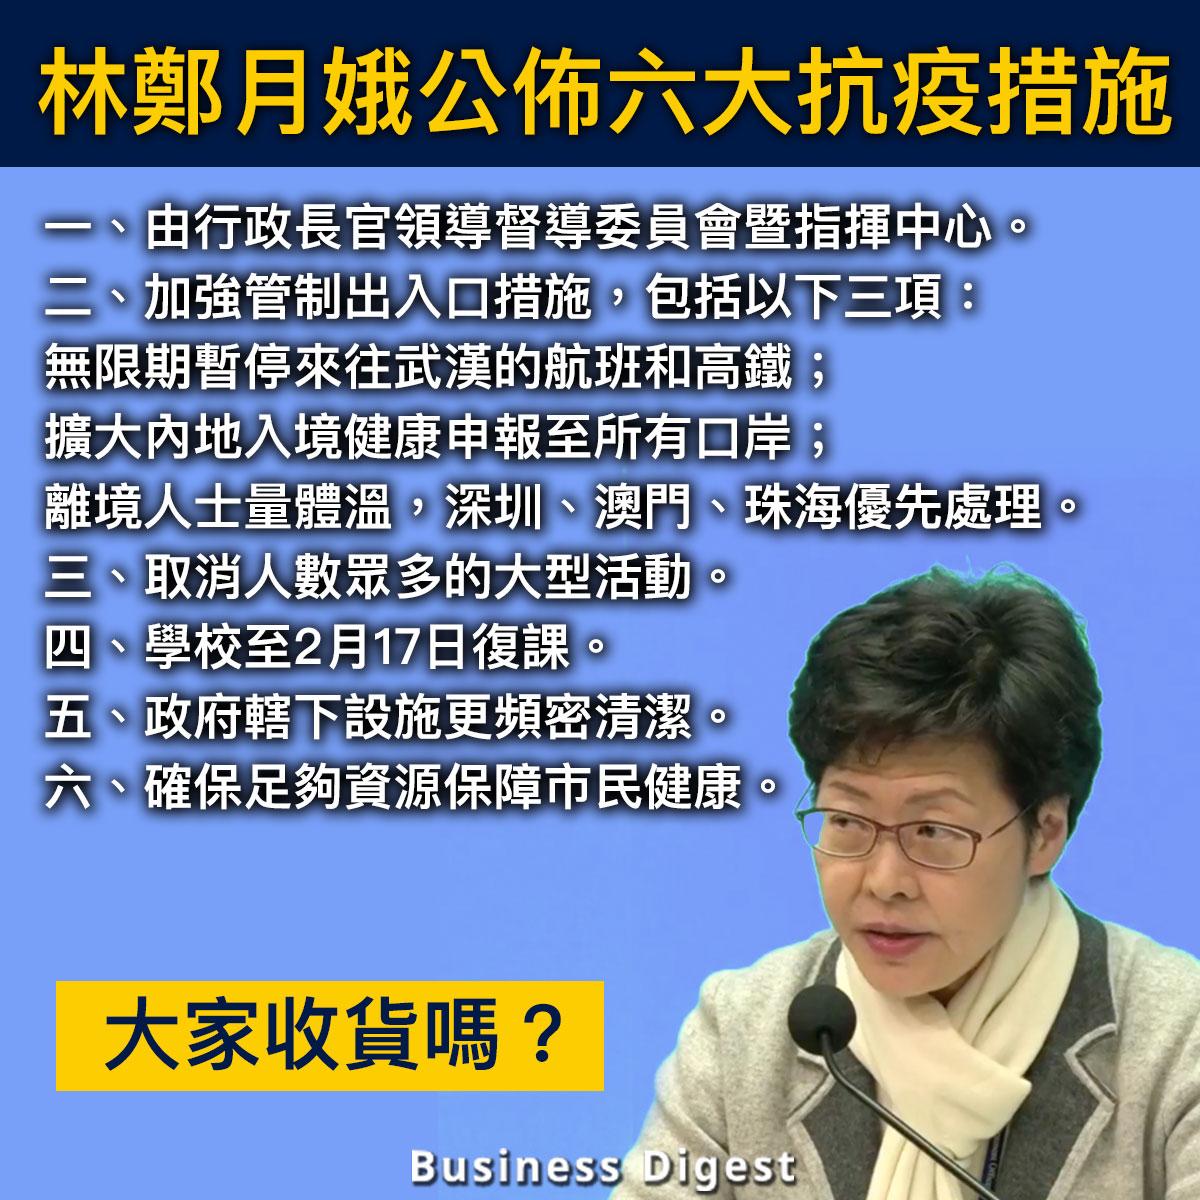 【全城關注】林鄭月娥公佈六大抗疫措施